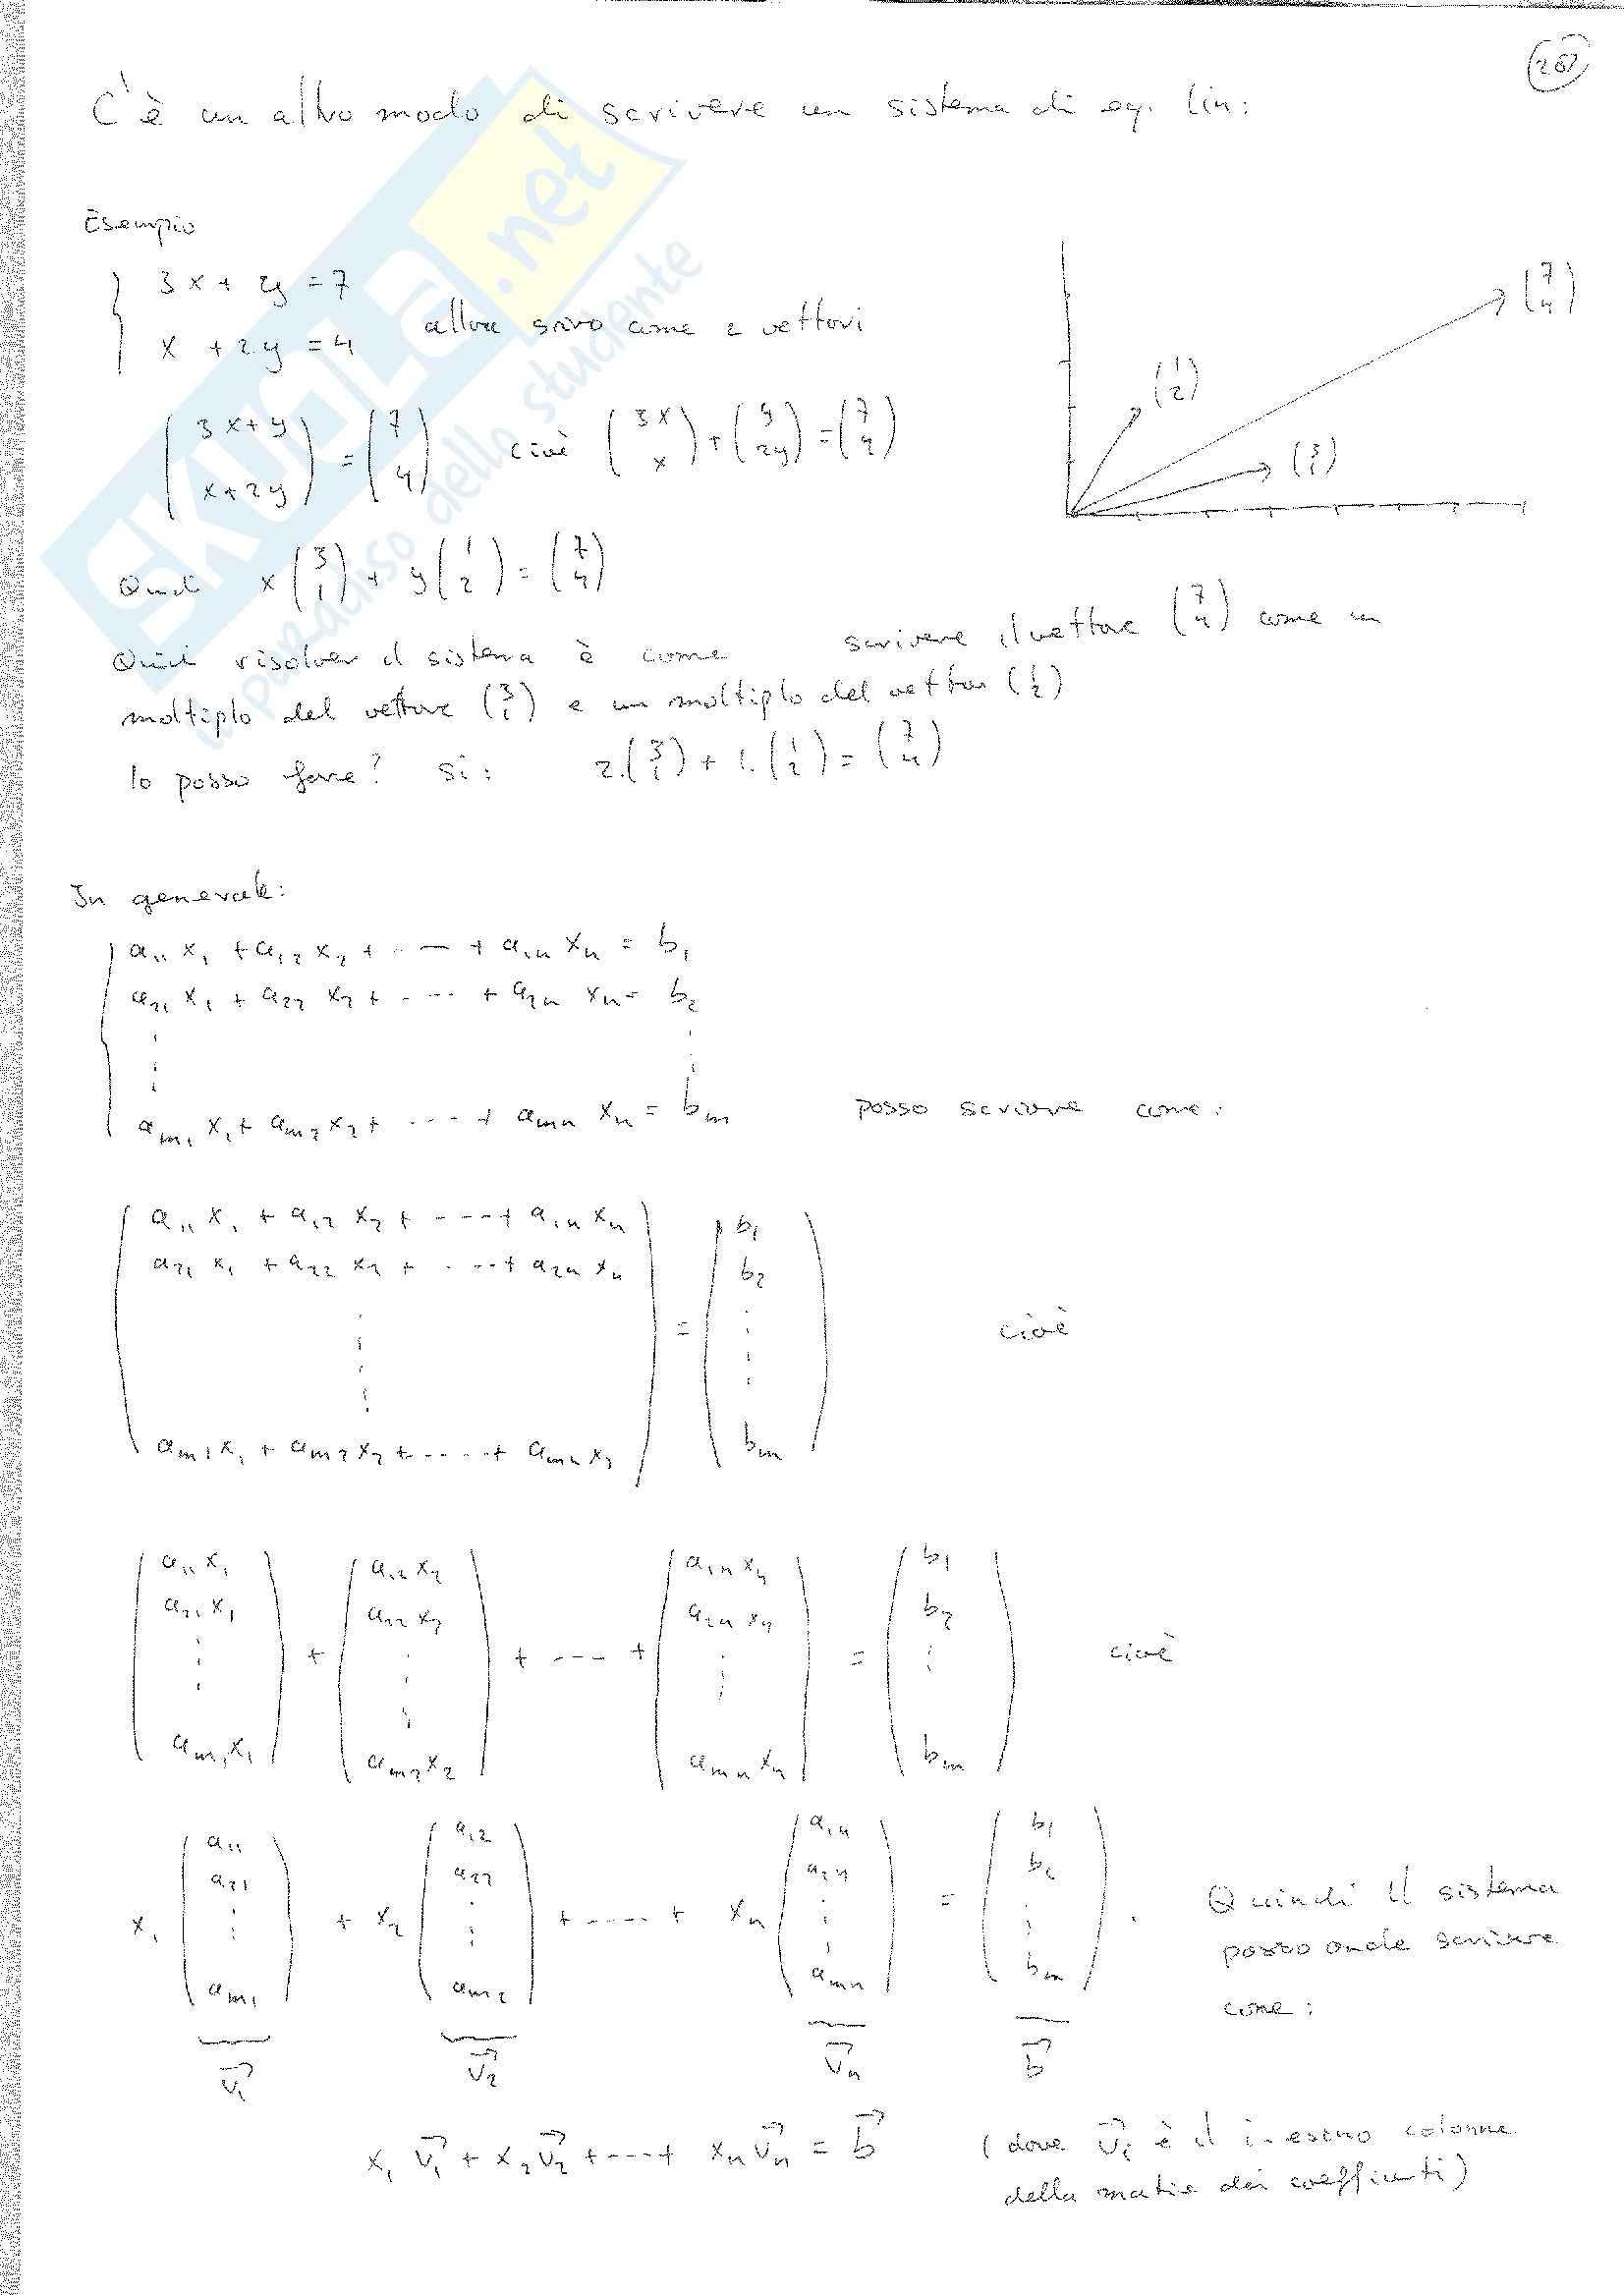 Matematica discreta - sistemi di equazioni lineari Pag. 11